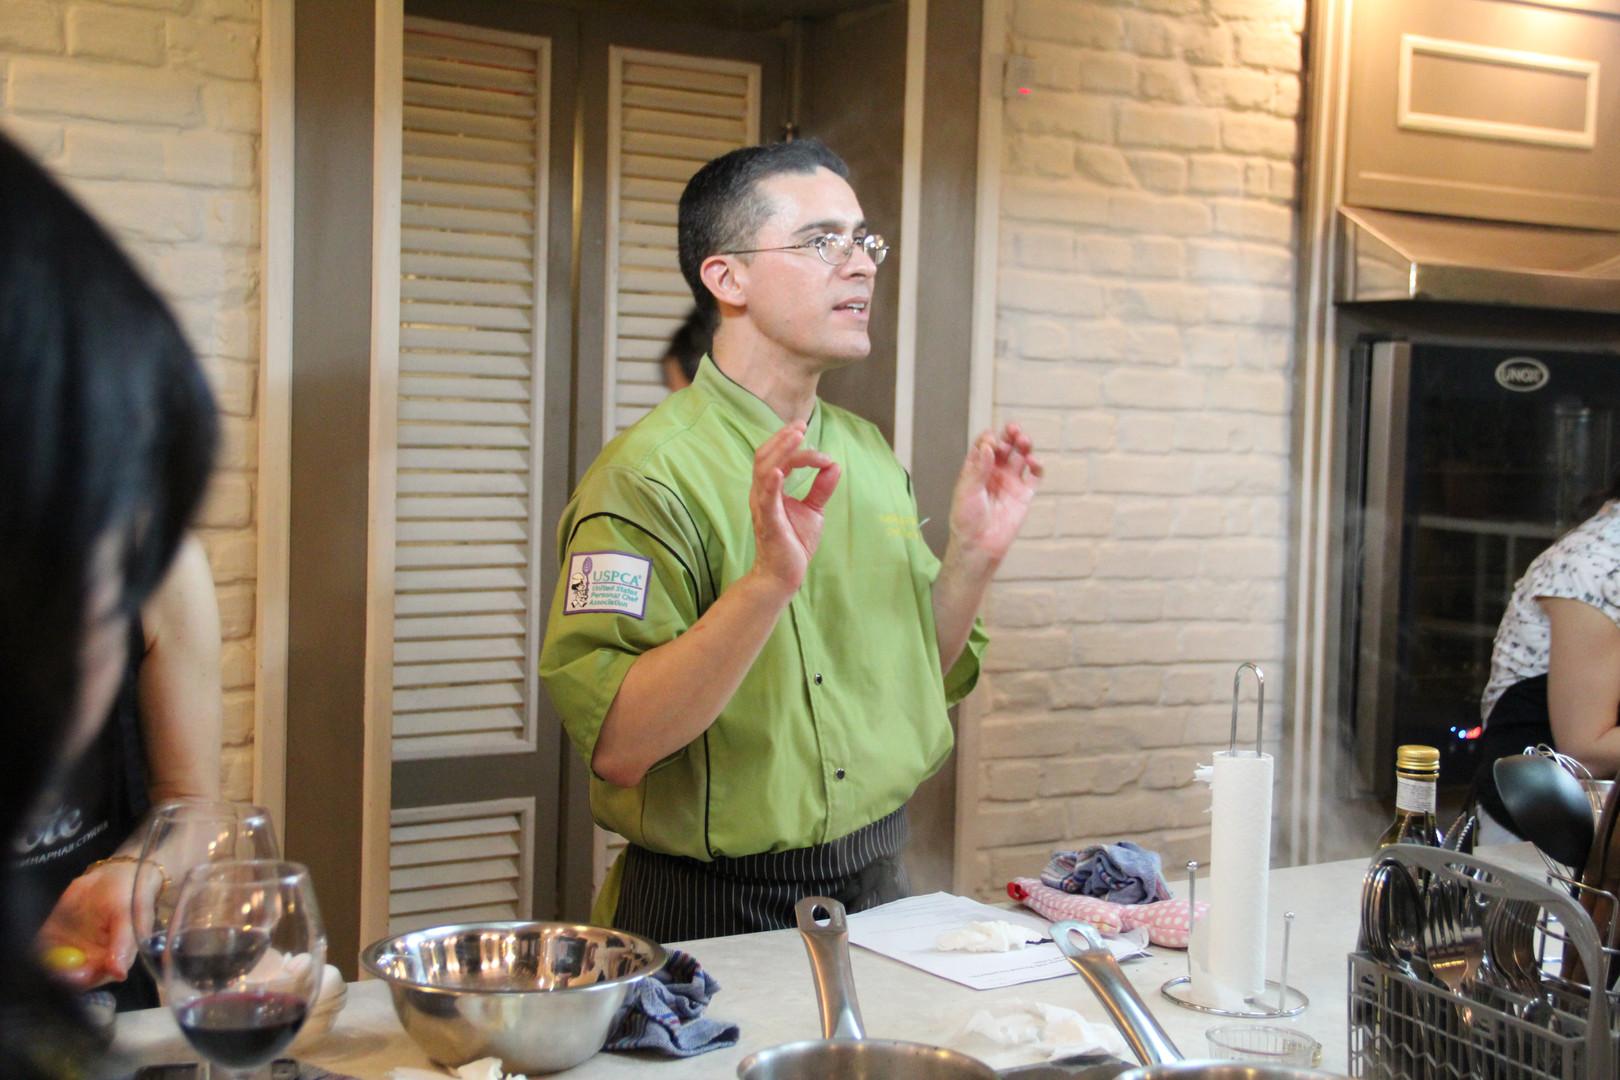 Chef Mark Teaching